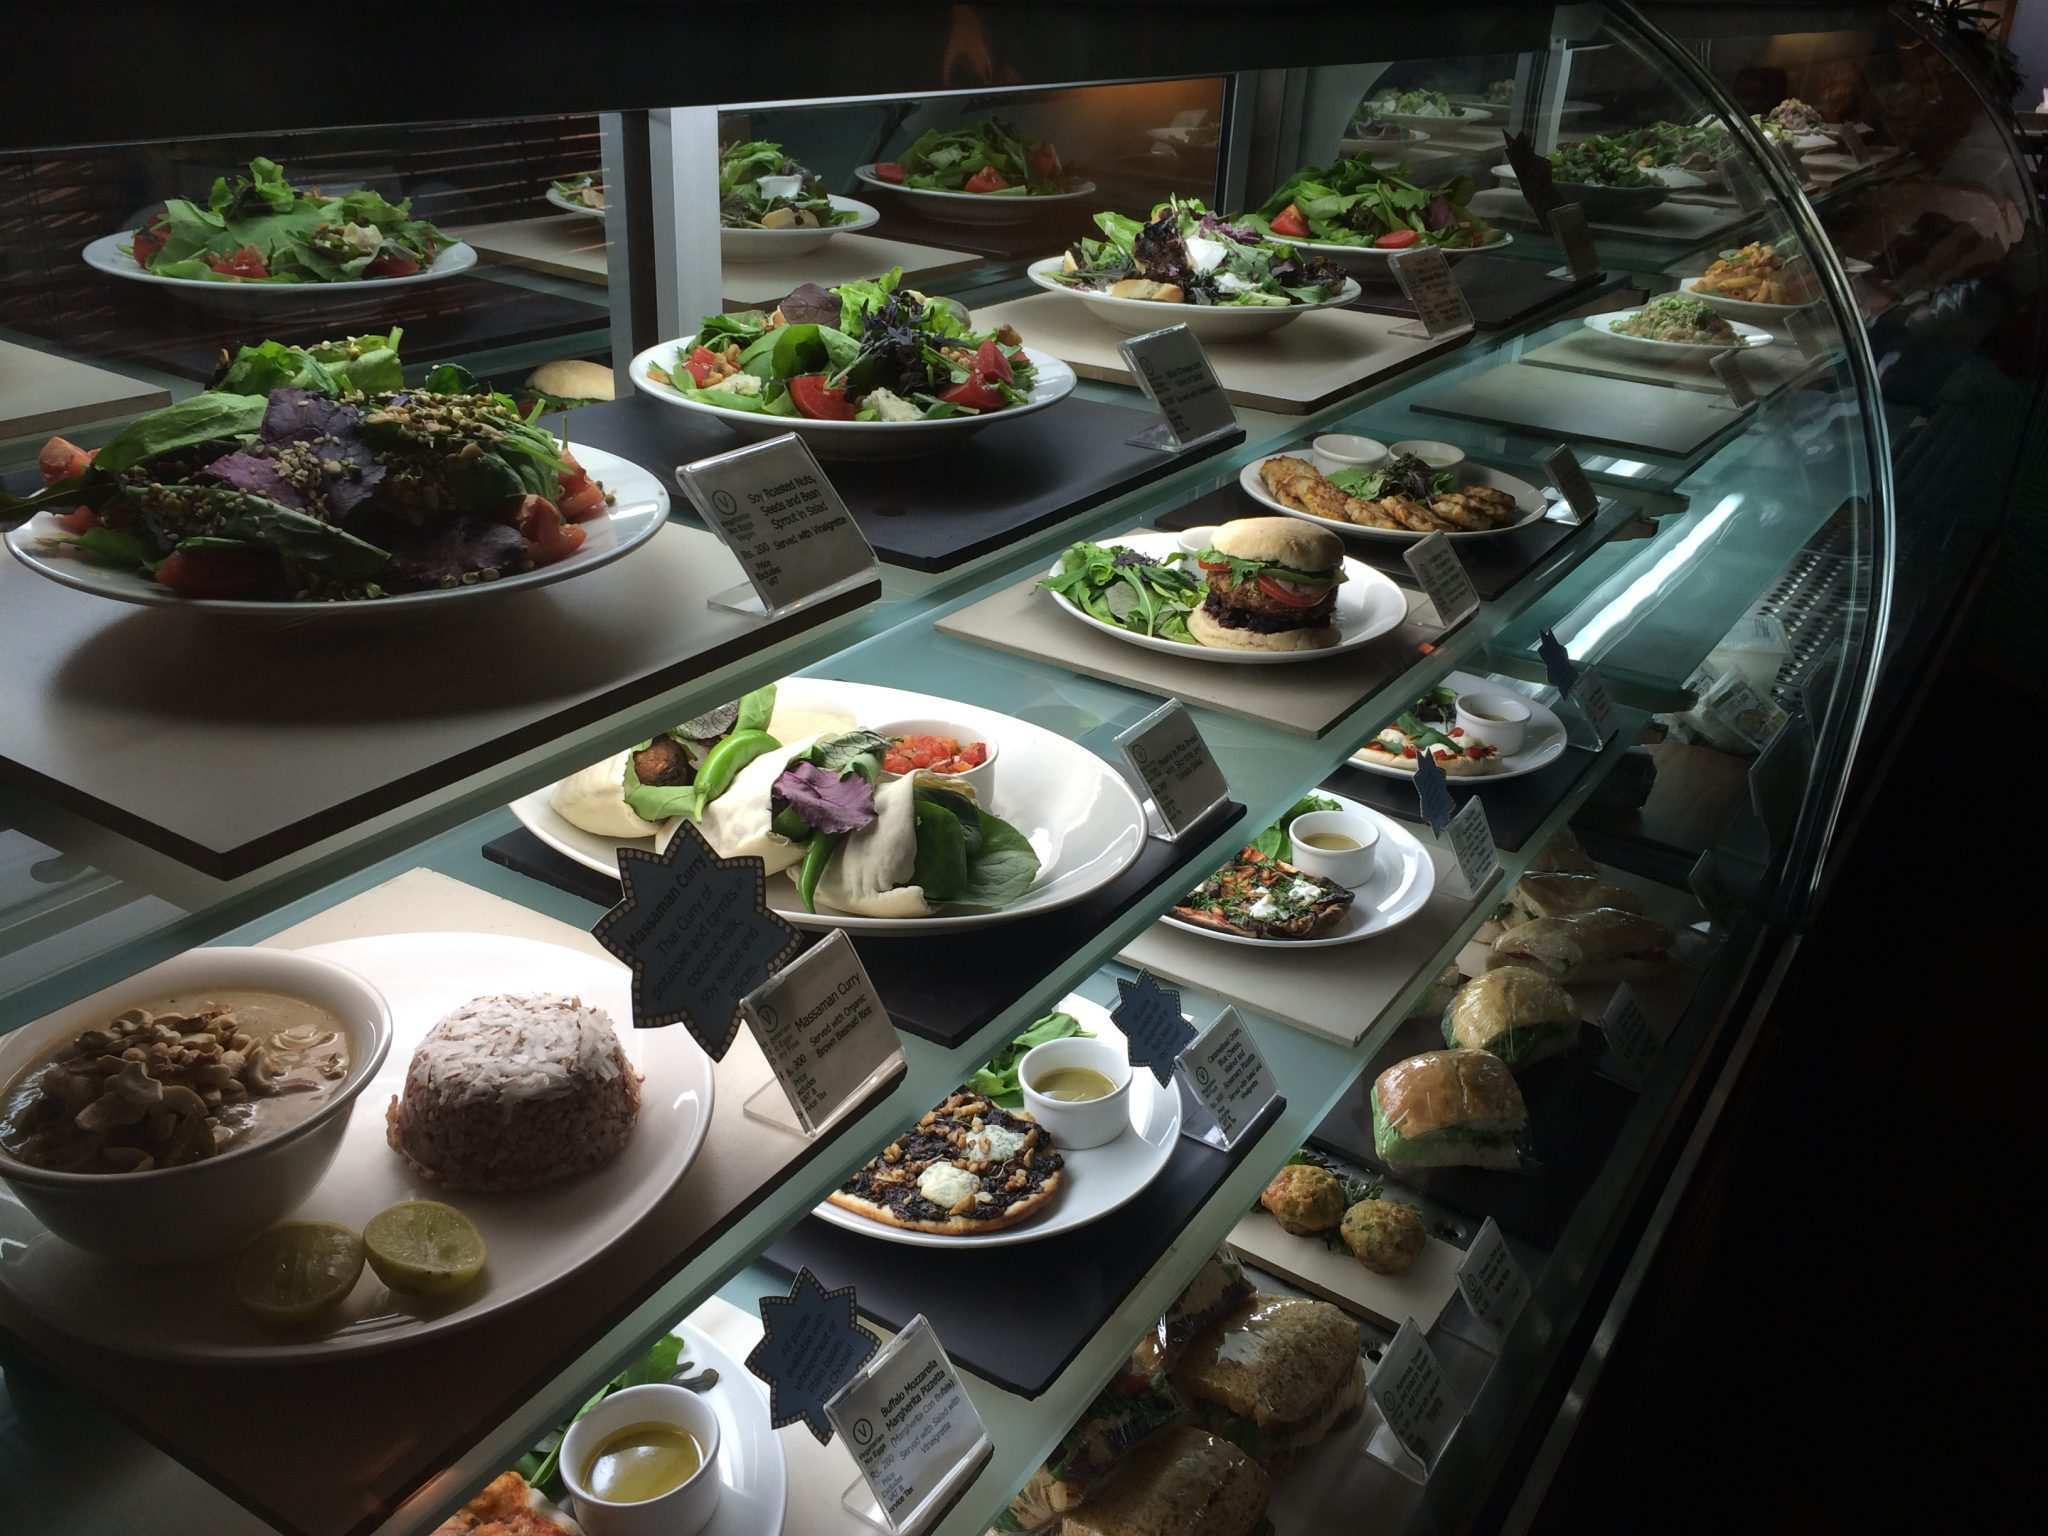 Anokhi Cafe